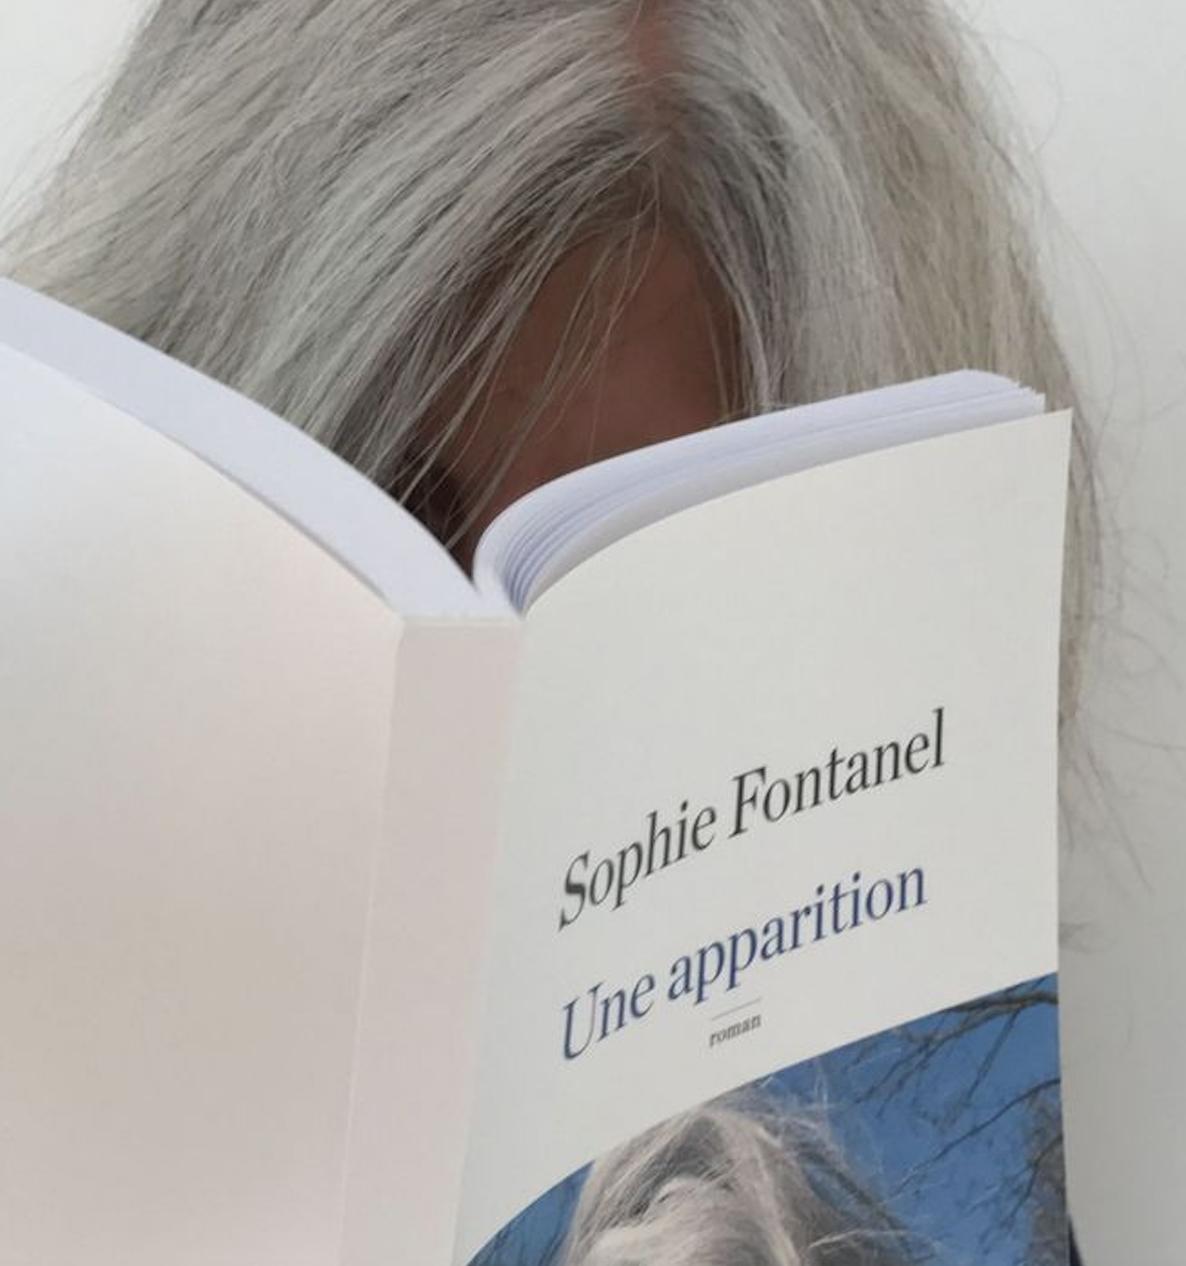 Une apparition de Sophie Fontanel